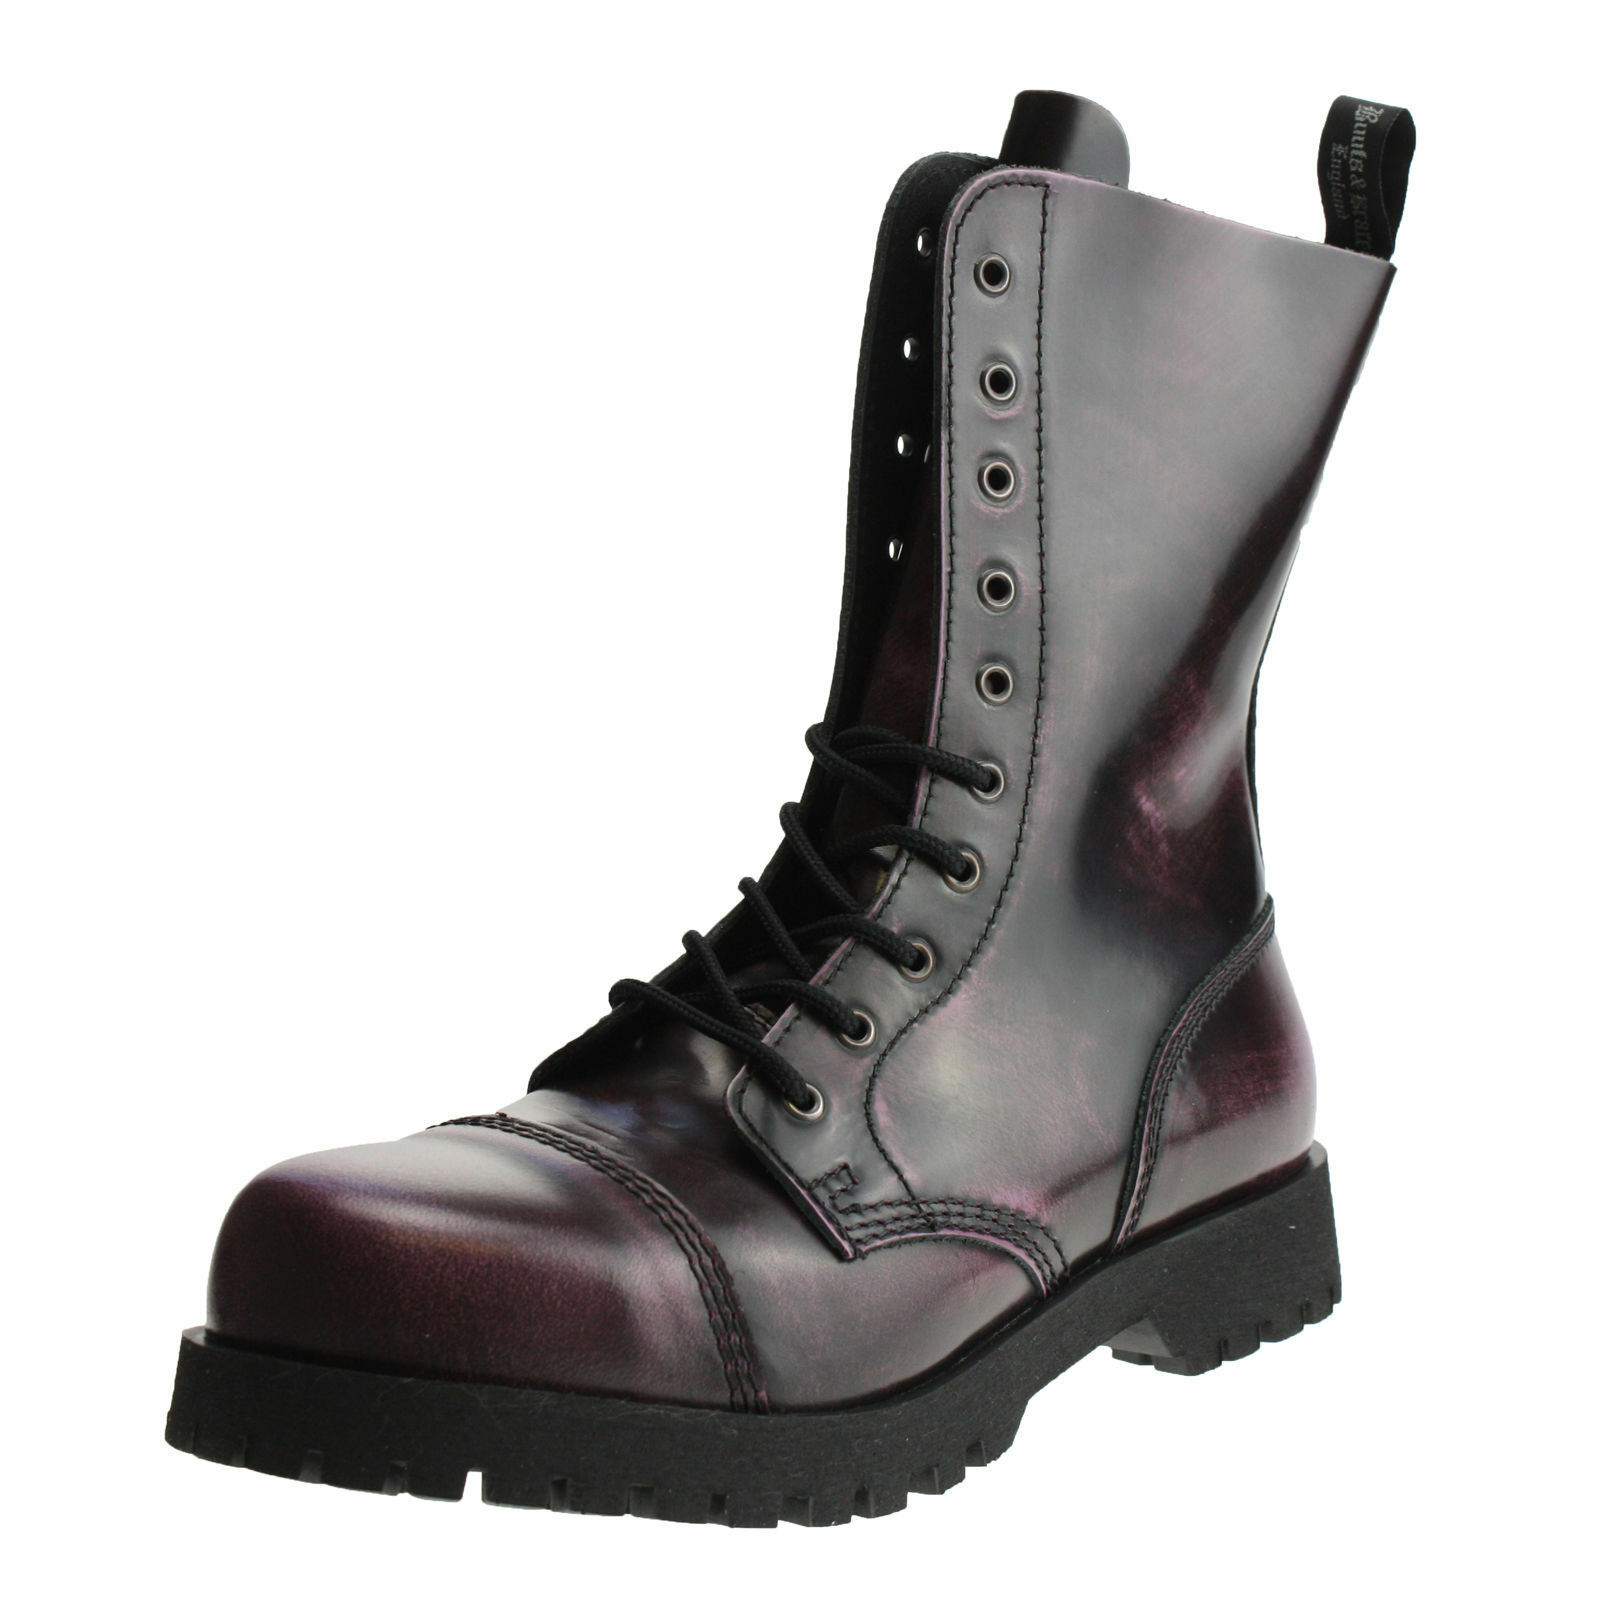 botas botas botas & Braces campo de 10 hoyos botas y Rangers Púrpura Negro  ordene ahora los precios más bajos